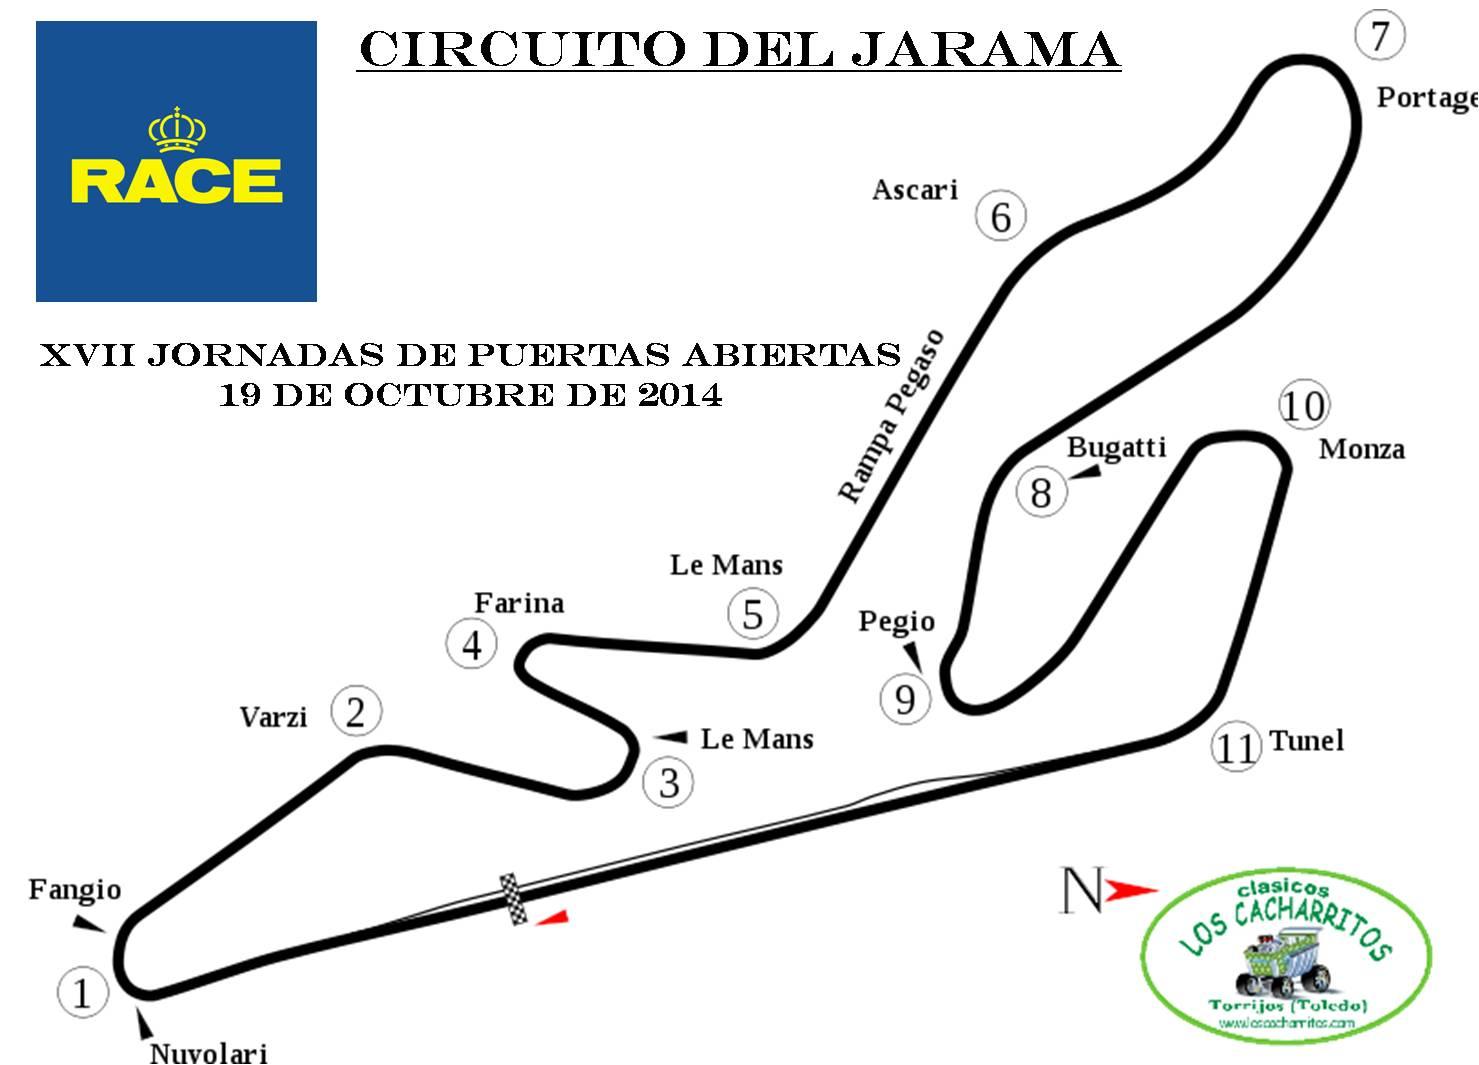 Circuito Jarama : Xvii jornadas de puerta abiertas del circuito del jarama